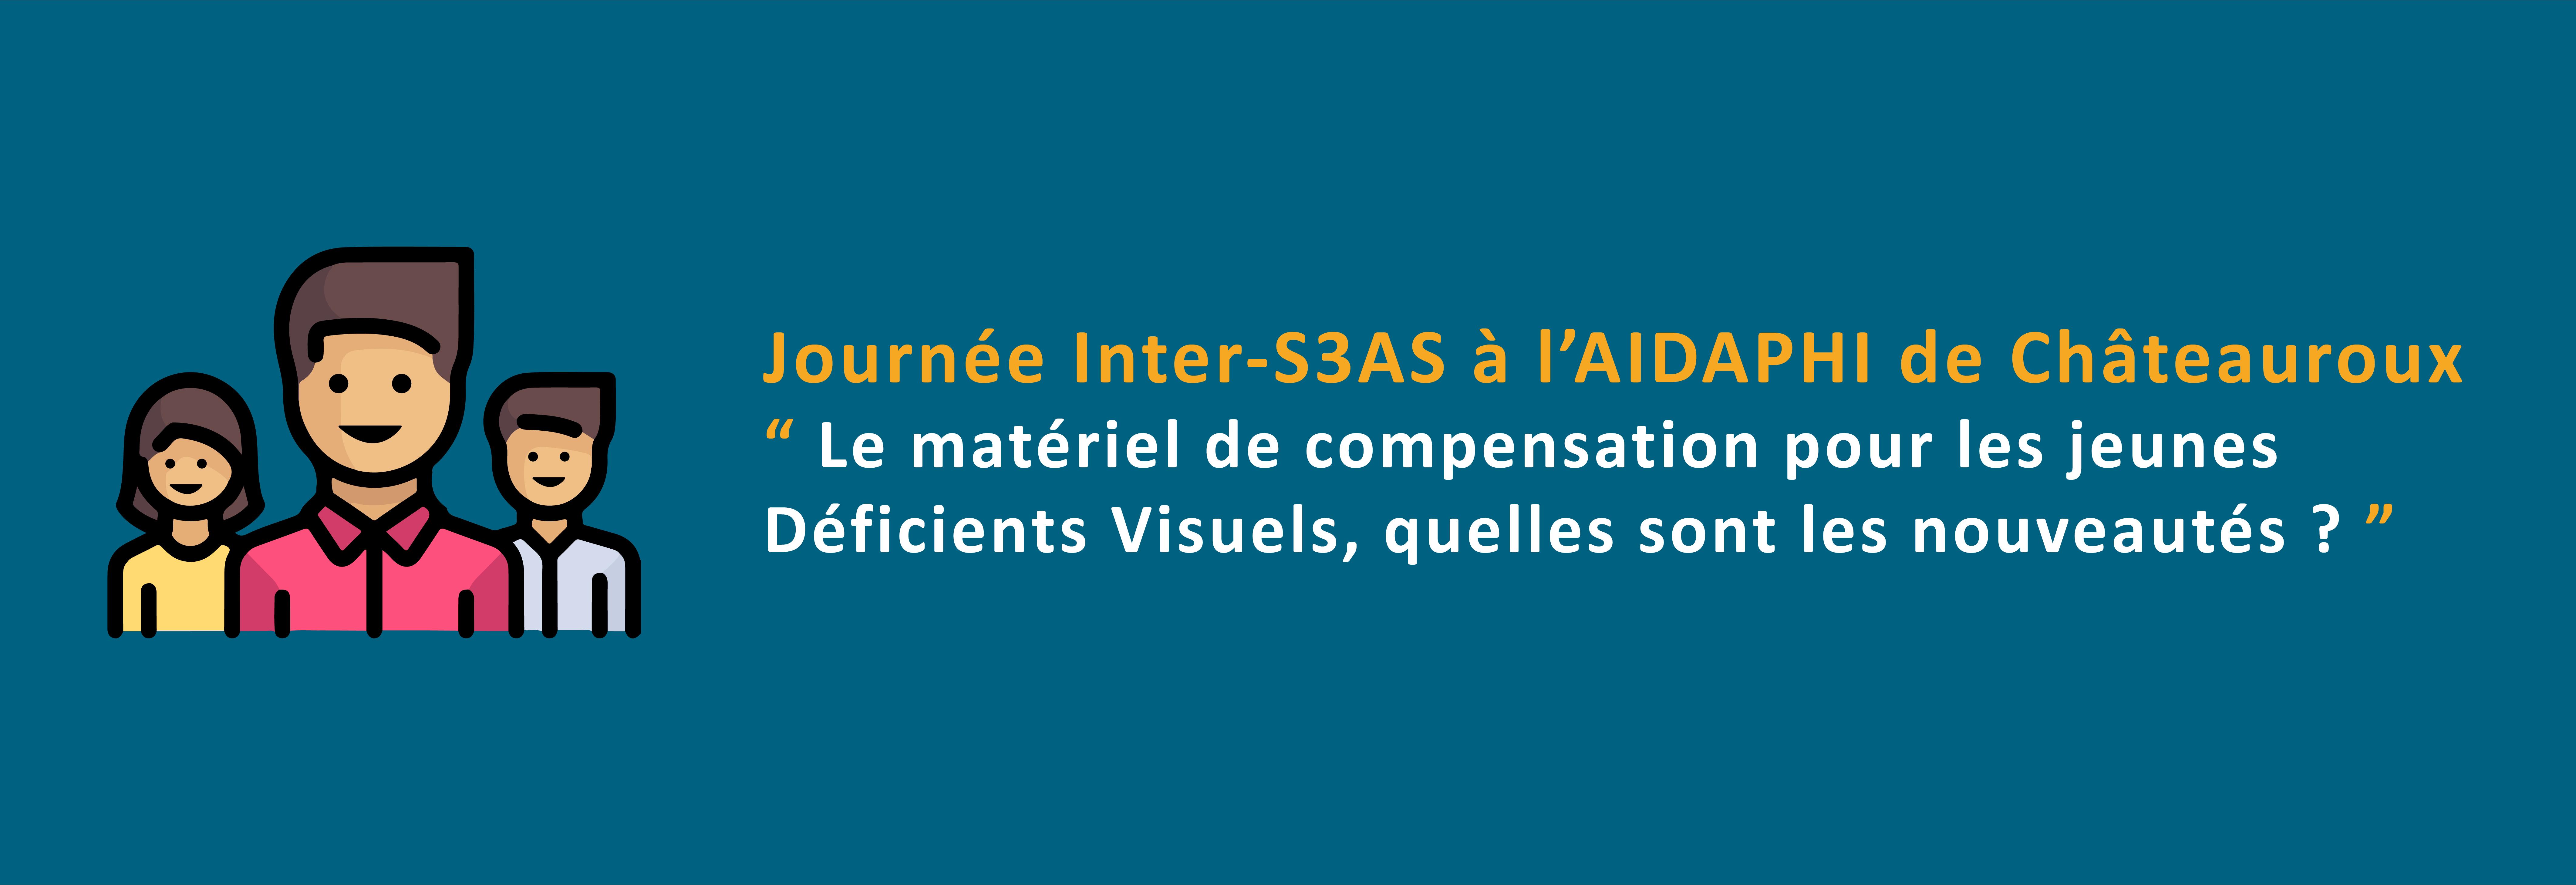 Journée Inter-S3AS à l'AIDAPHI de Châteauroux